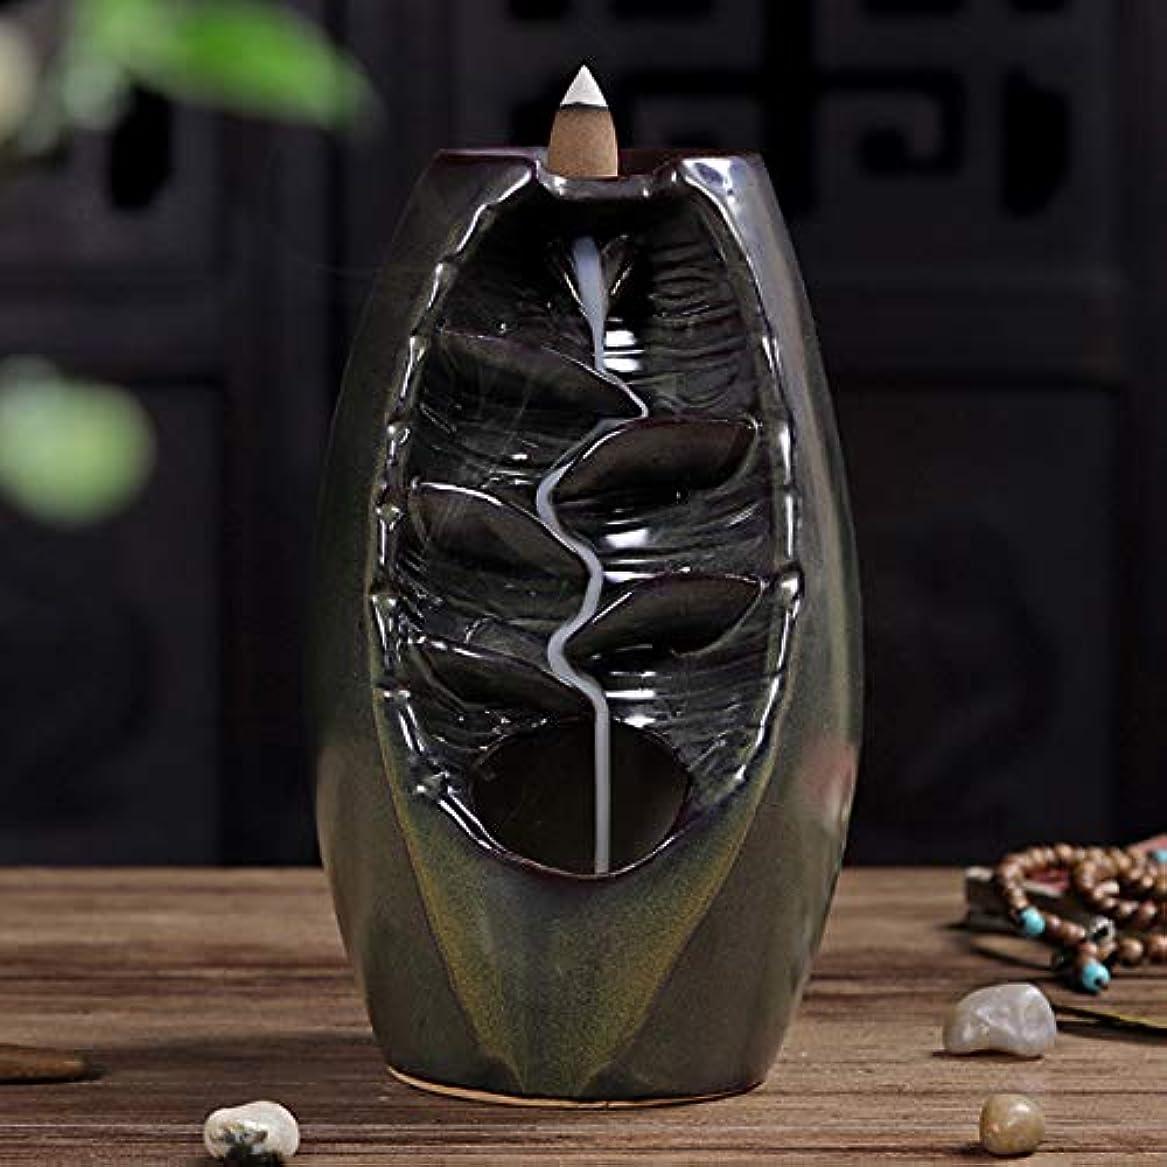 公爵作り上げる許すVosarea 逆流香バーナー滝香ホルダーアロマ飾り仏教用品(茶)